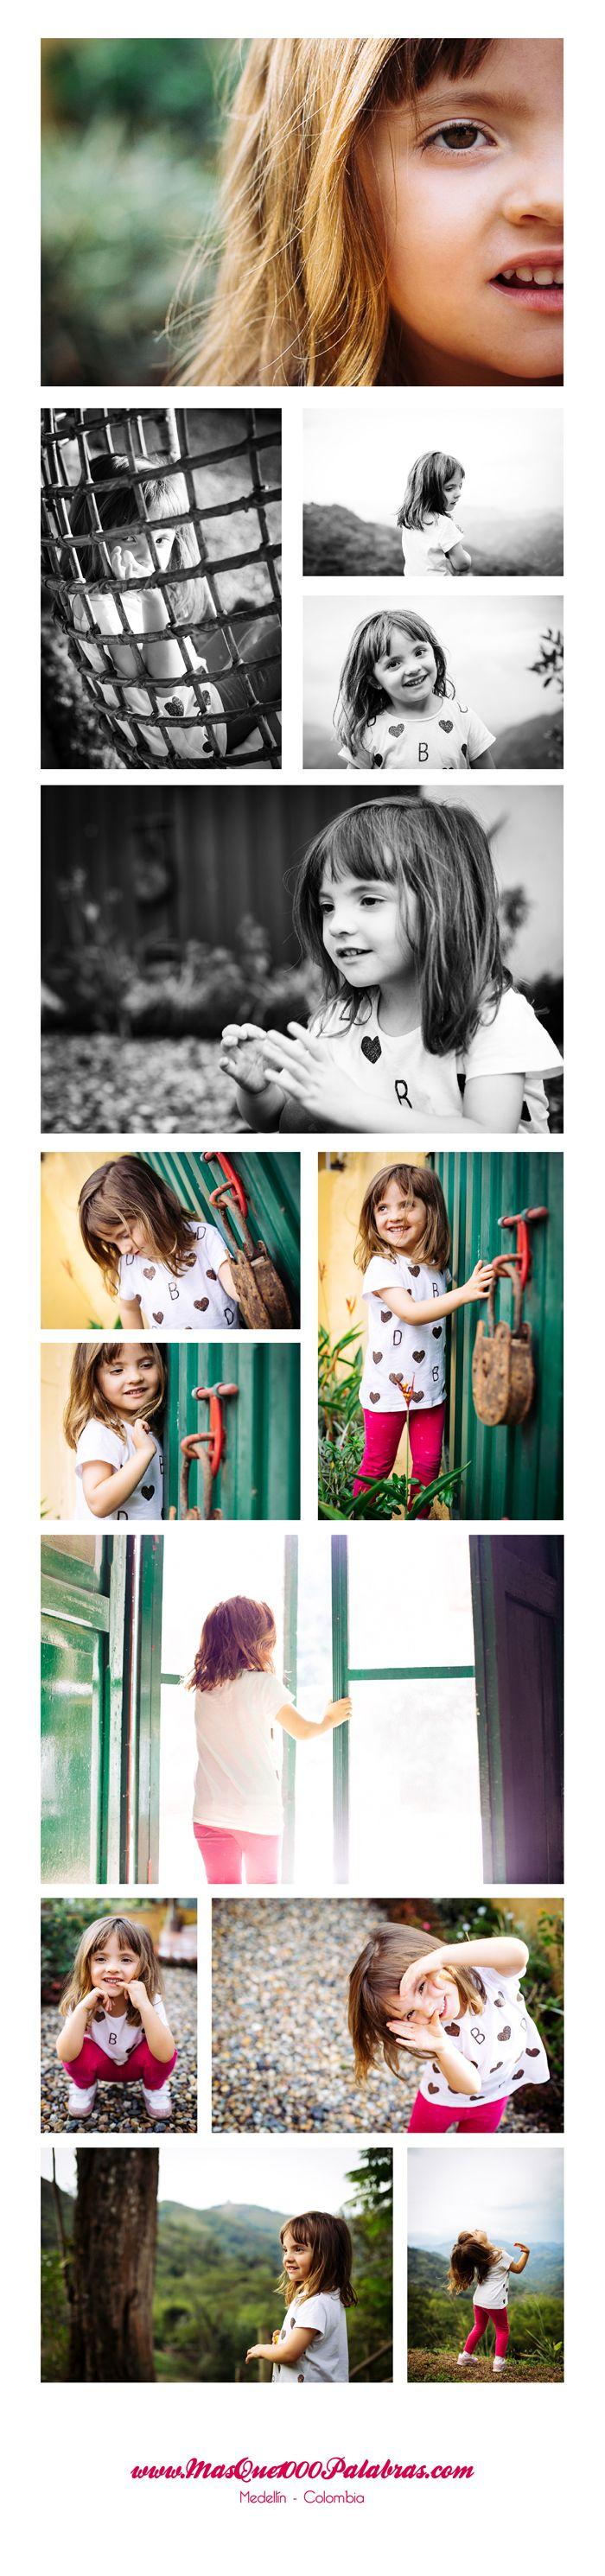 Fotoestudios infantiles en Medellin www.masque1000palabras.com